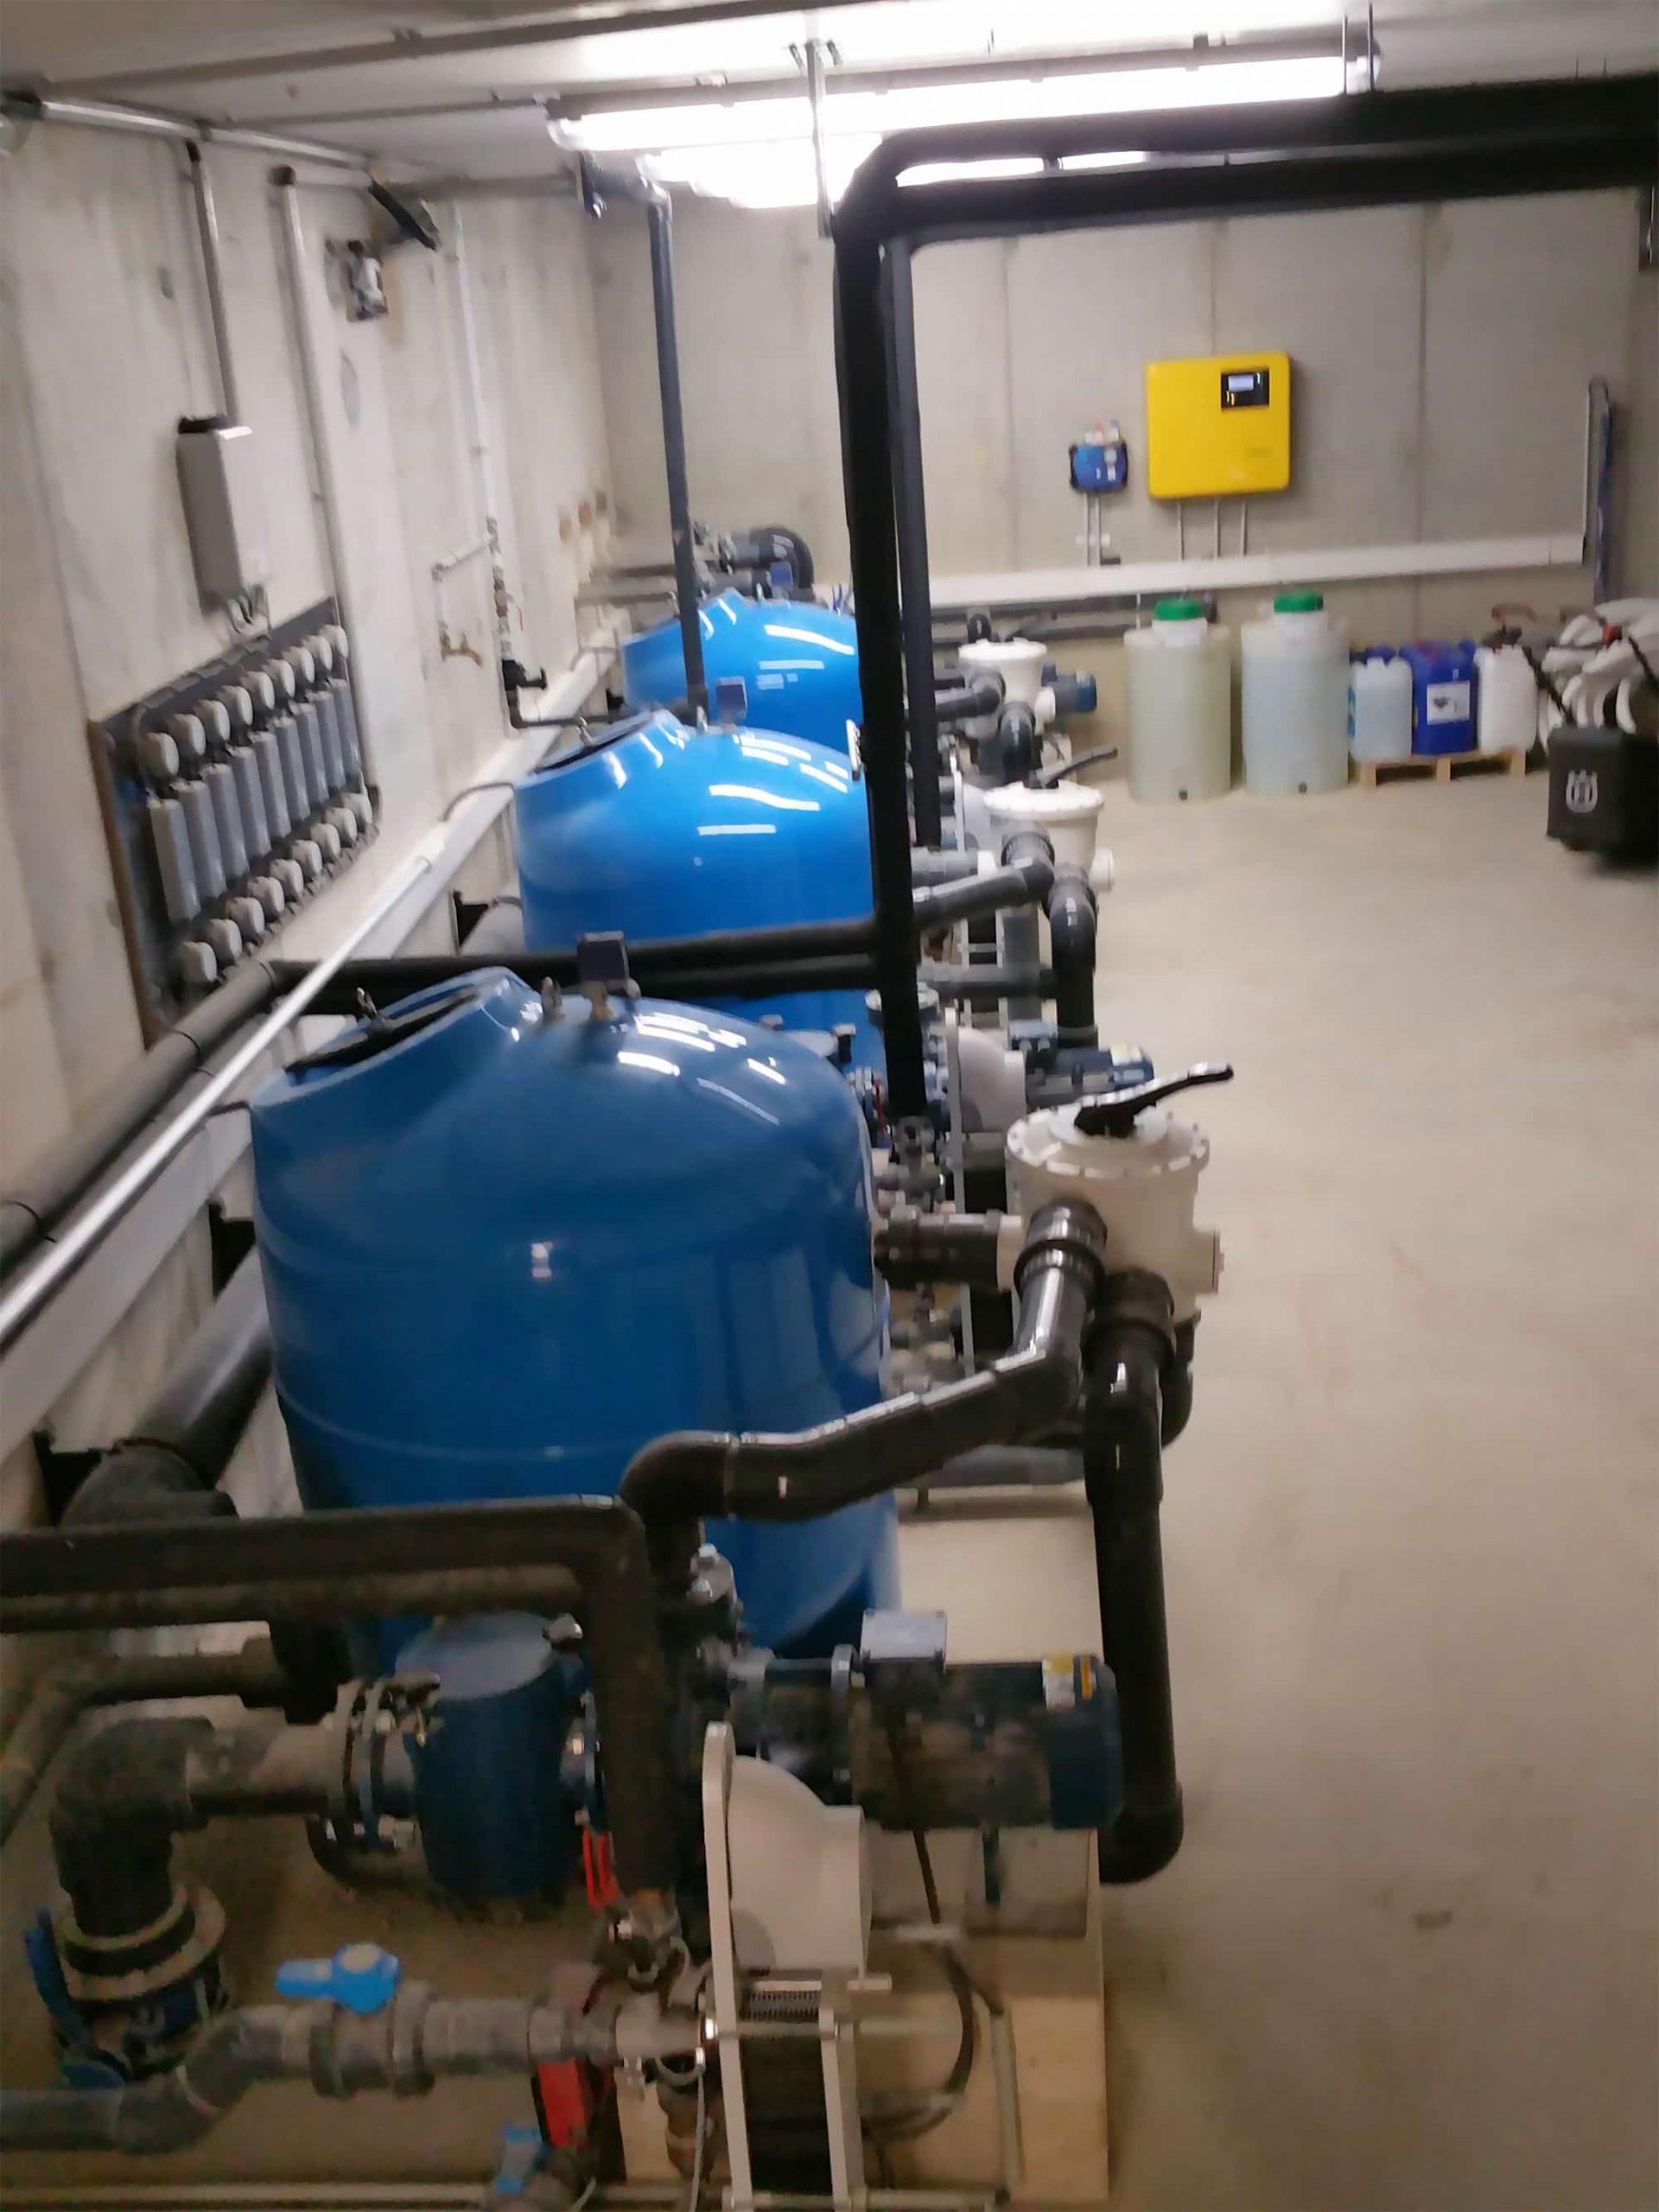 Système de filtration pour une eau propre